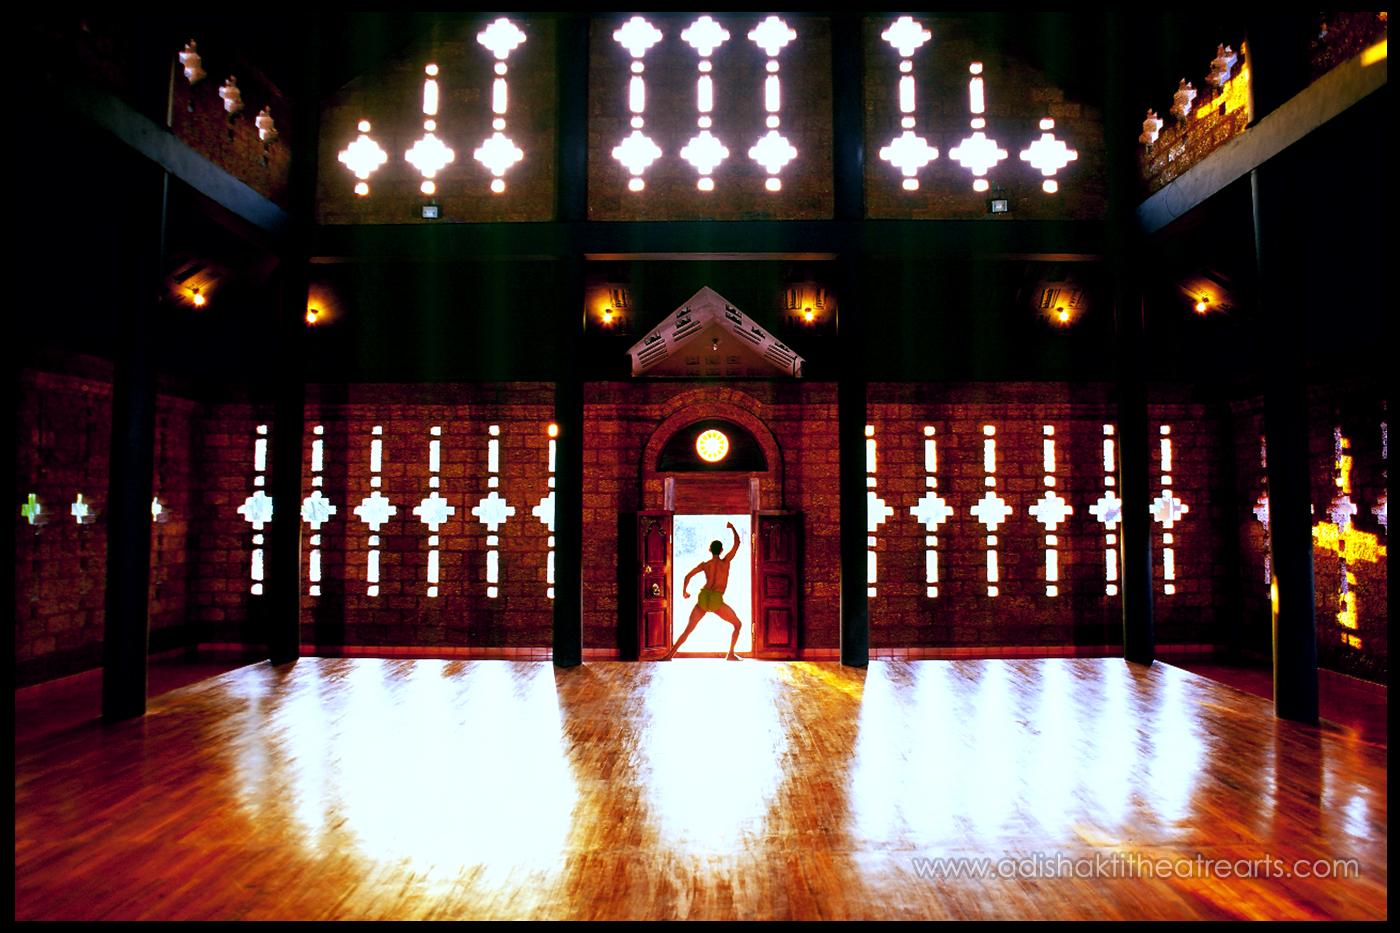 Adishakti Theatre Interior